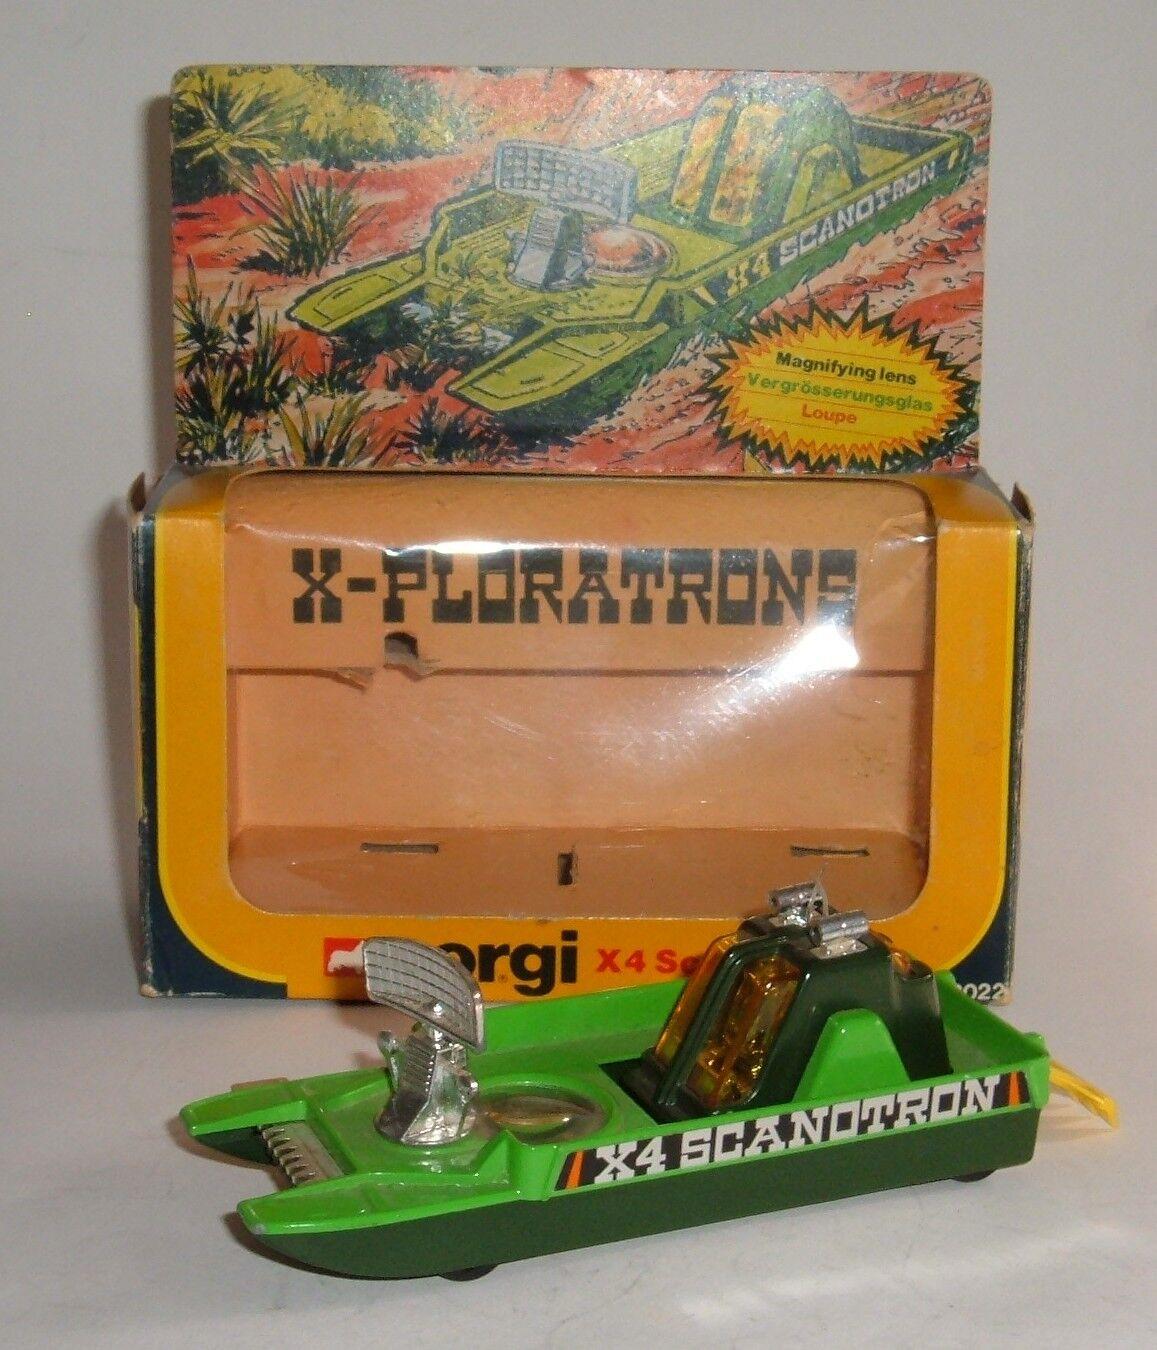 Corgi Toys No. D2022, X4 Scanotron, - Superb.